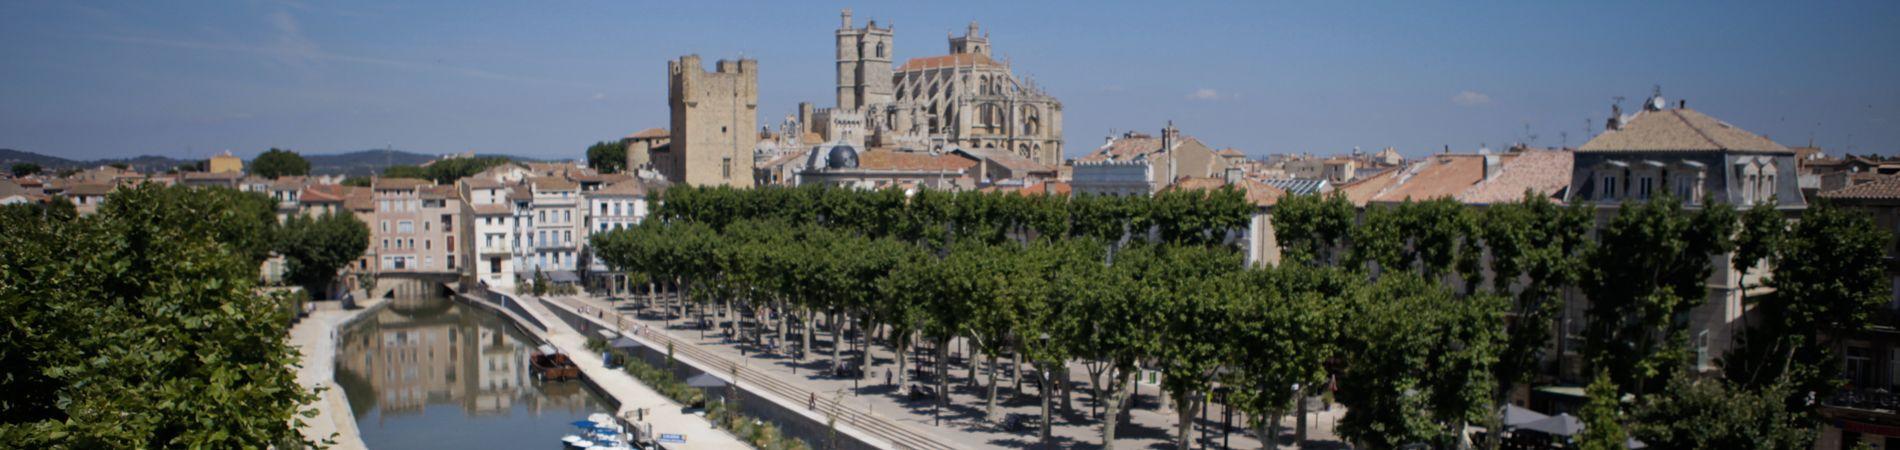 La ville de Narbonne